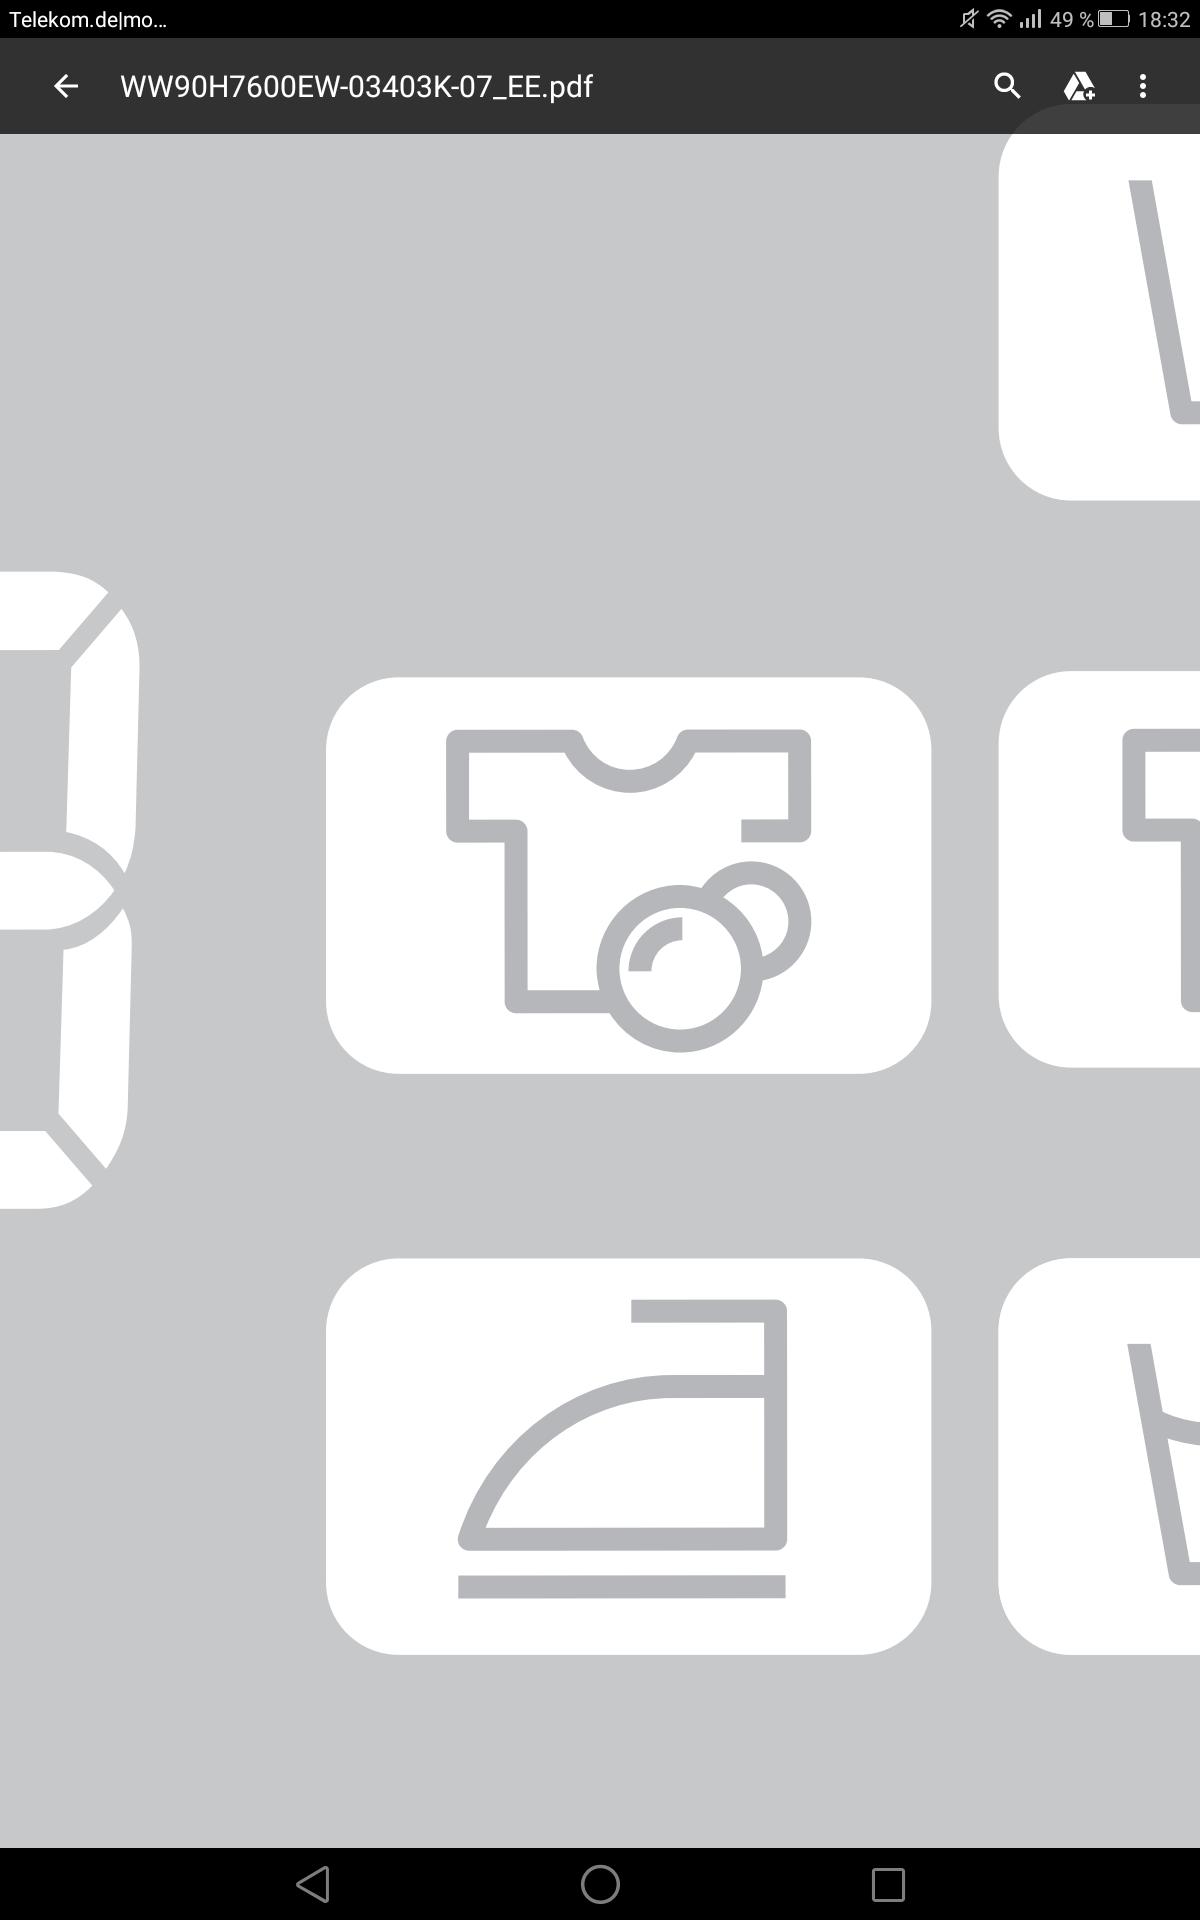 Bosch Waschmaschine Wasserhahn Symbol : bosch, waschmaschine, wasserhahn, symbol, Weiß, Jemand, Zufällig, Dieses, Symbol, Meiner, Waschmaschine, Heißt?, (Samsung,, Haushaltsgeräte)